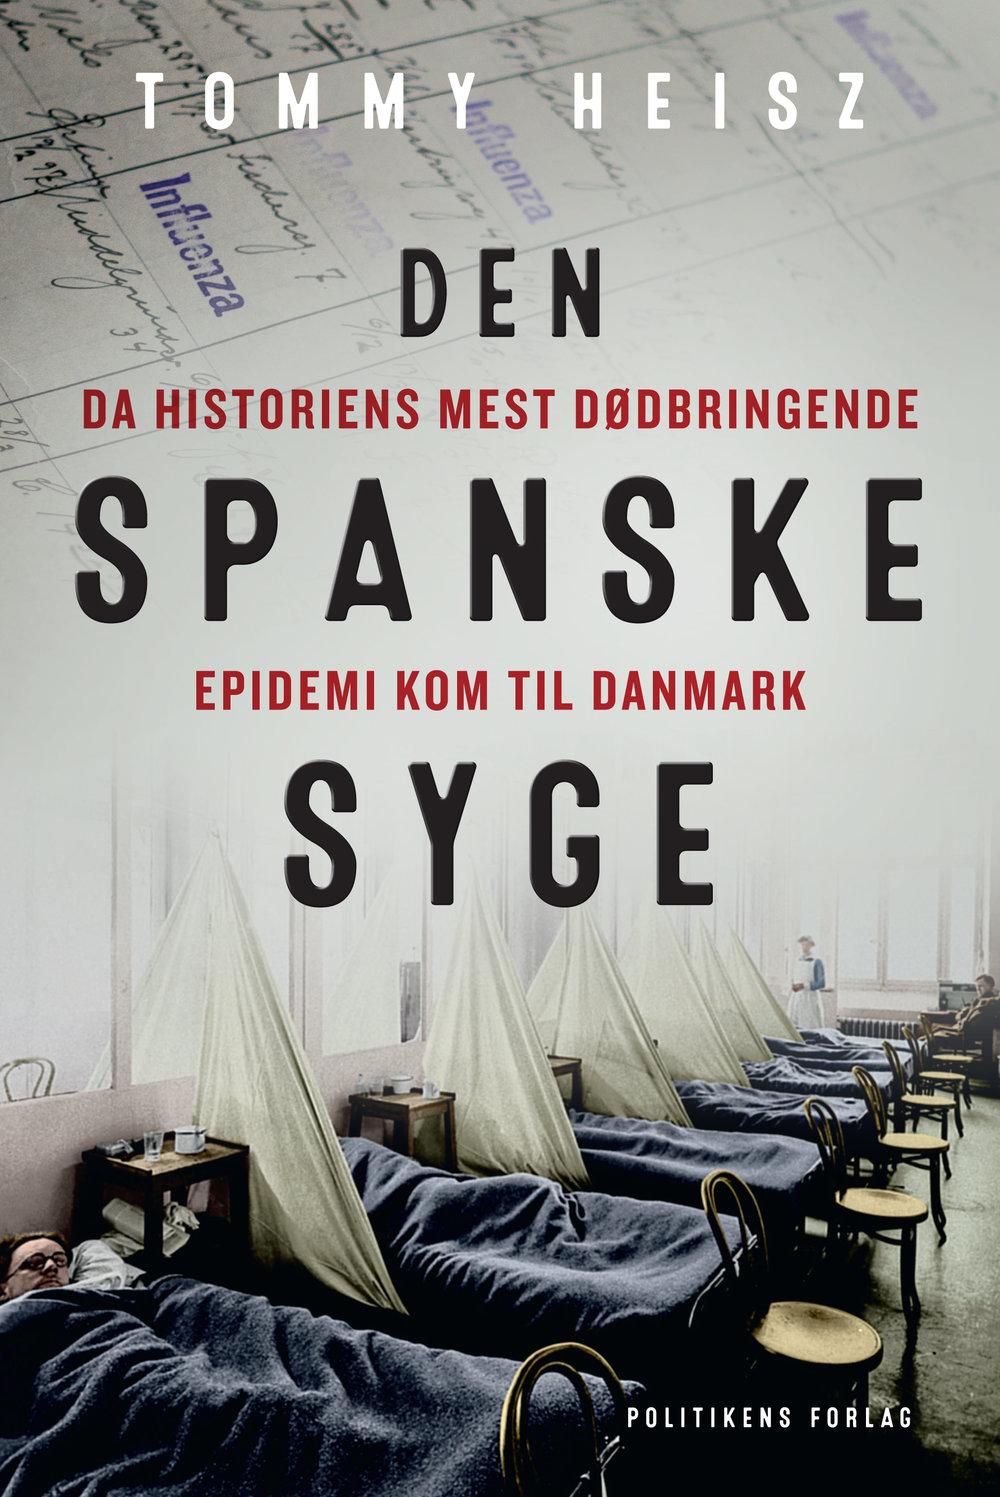 Den spanske syge cover.jpg